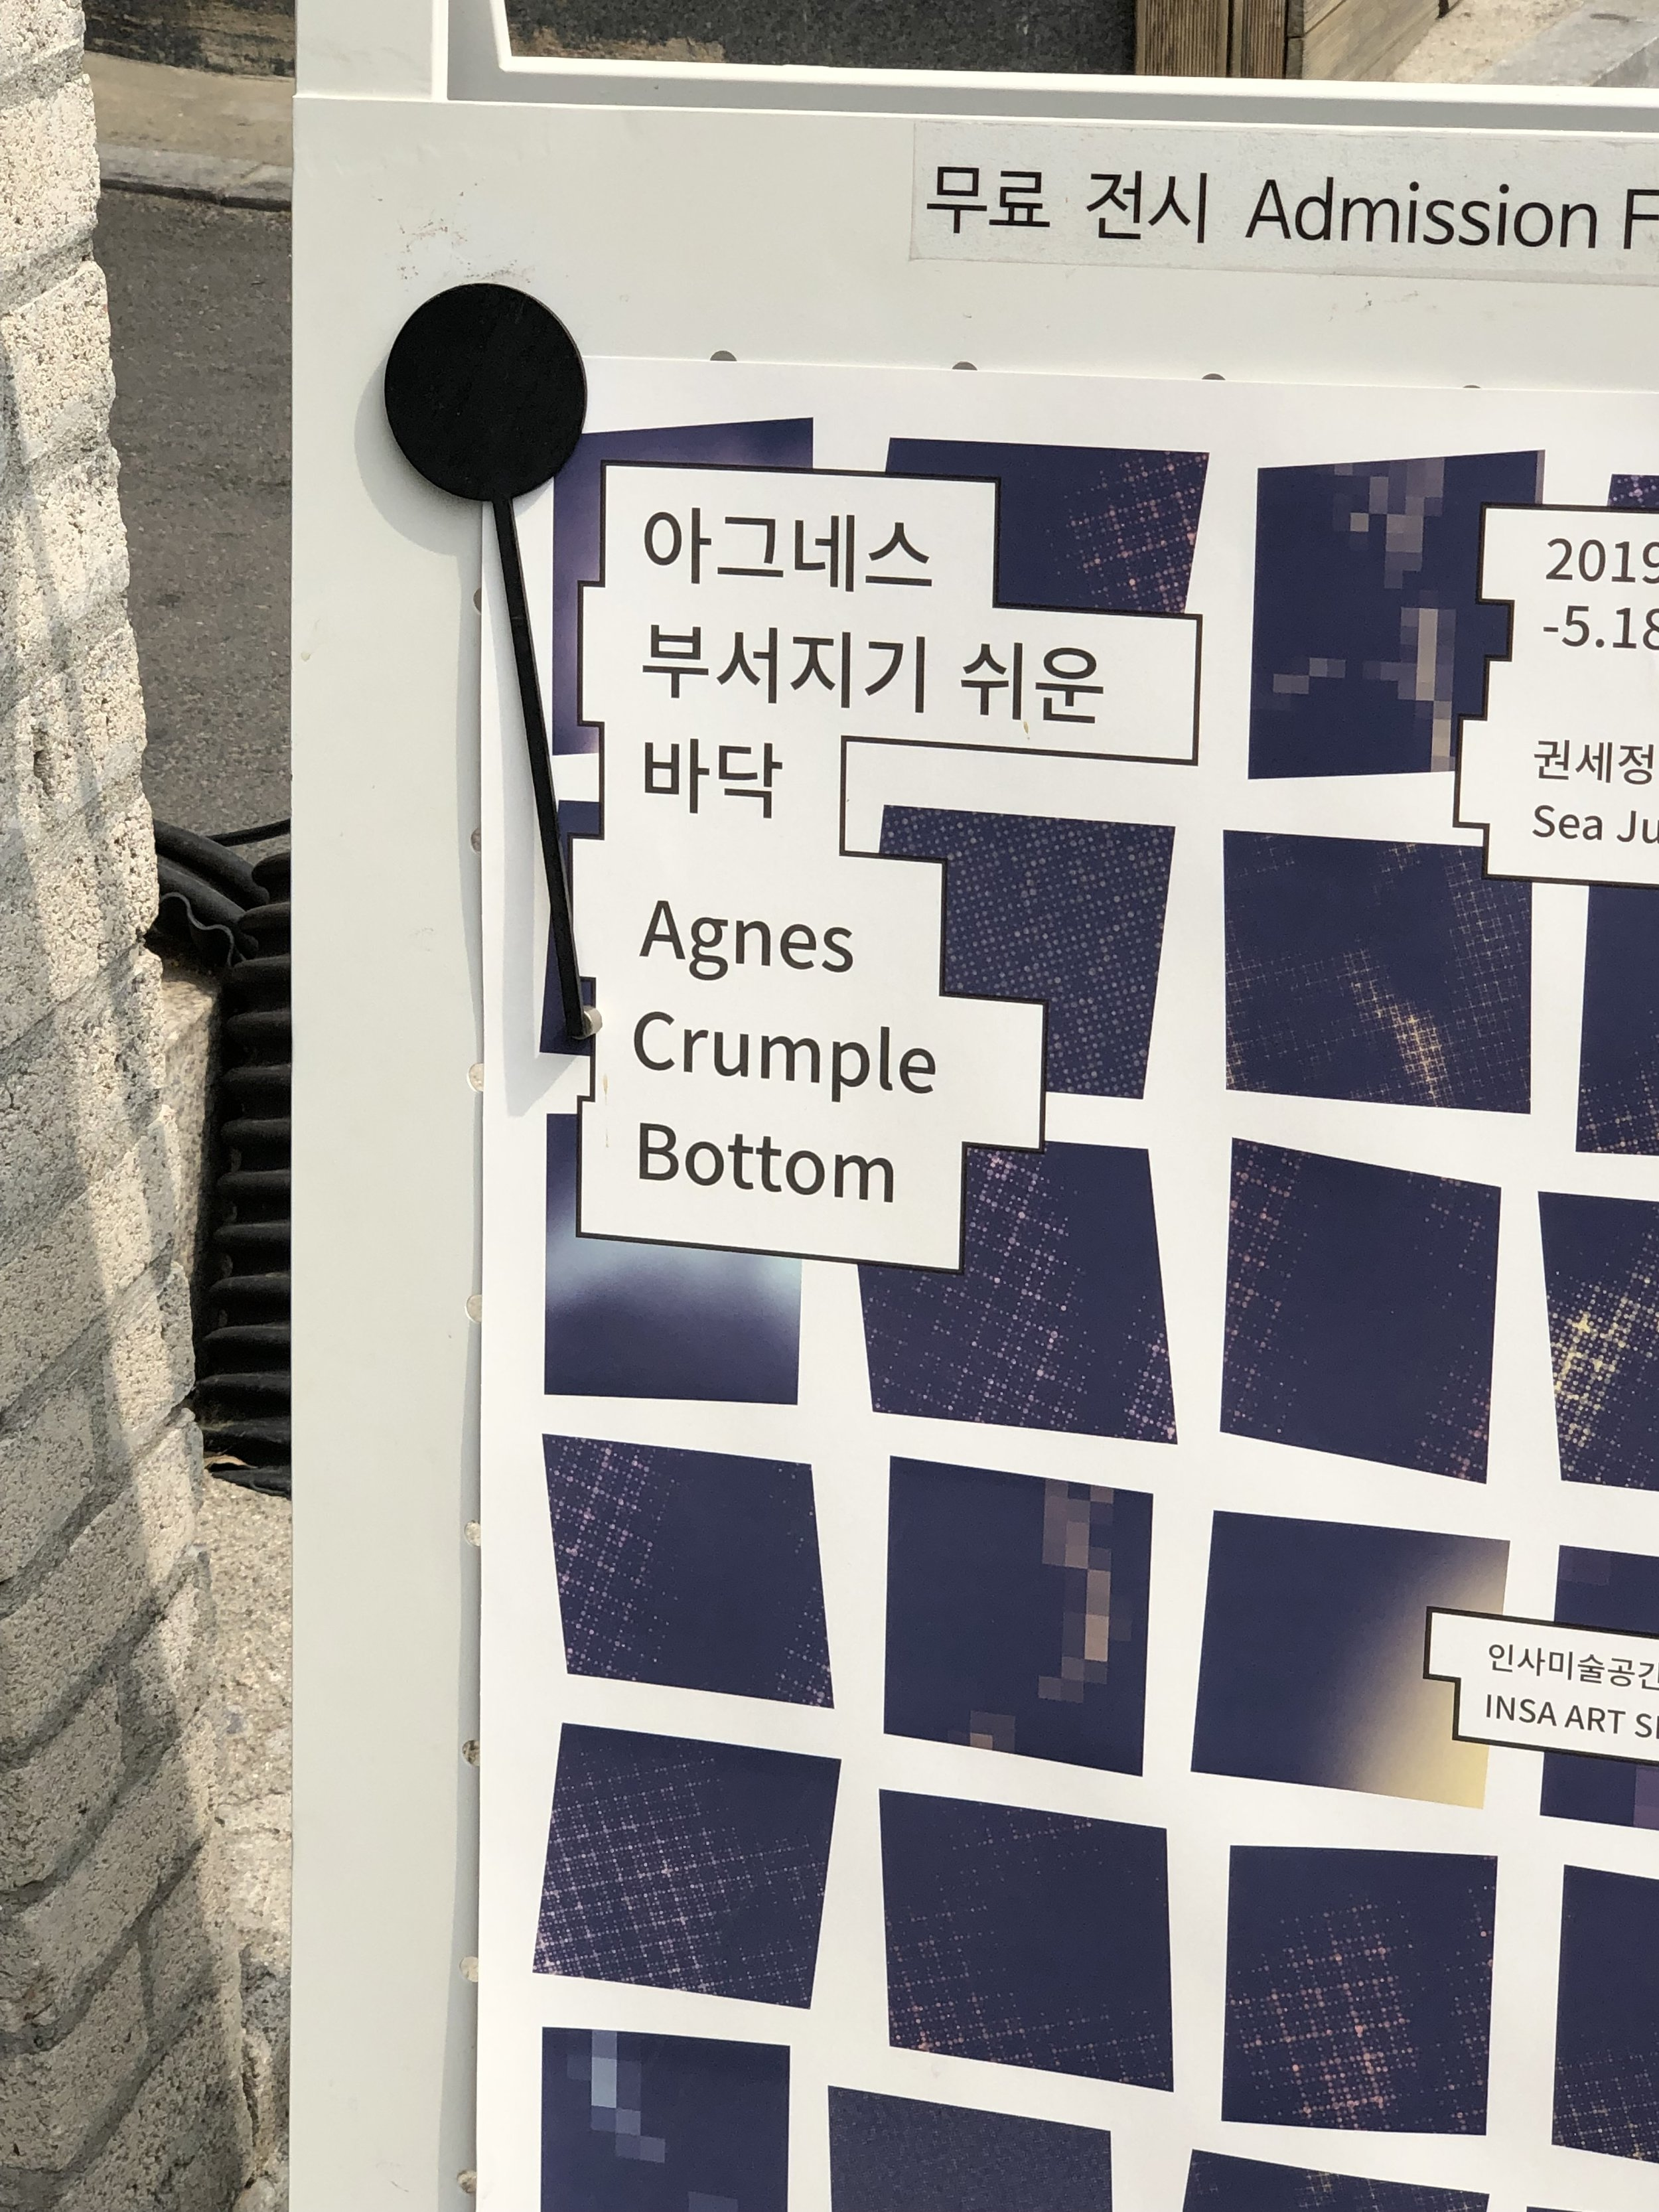 Art Gallery in Seoul